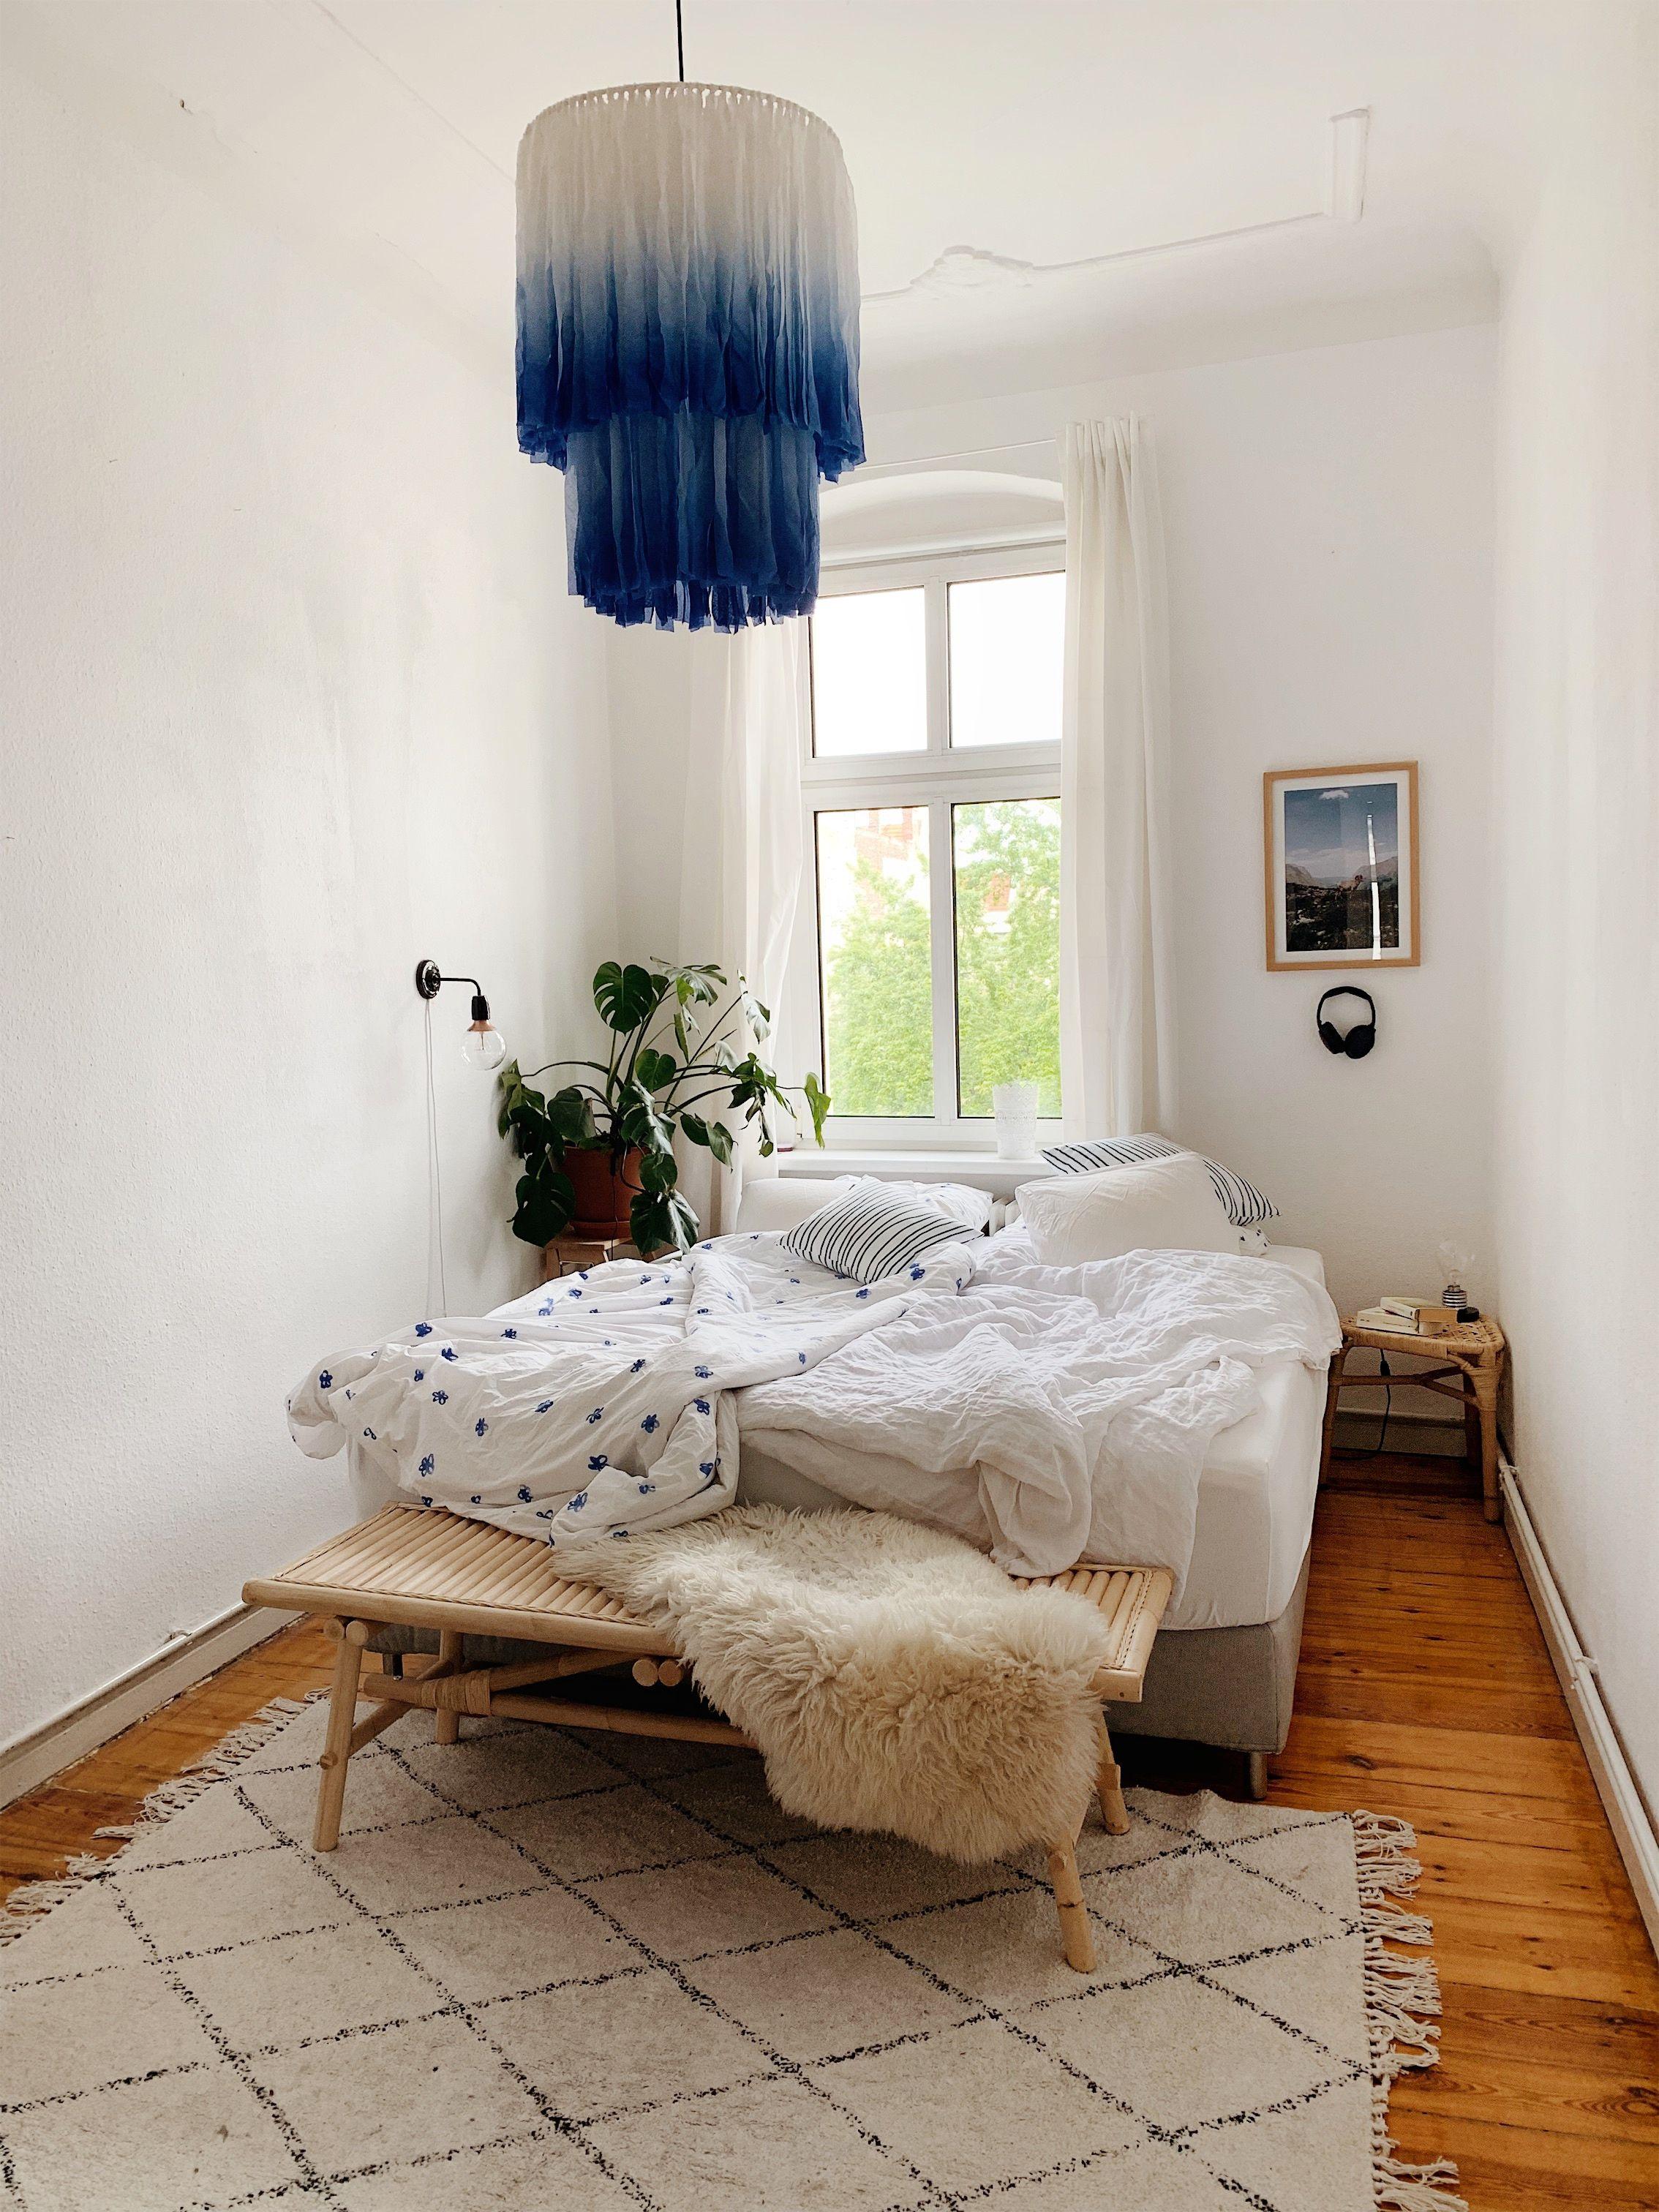 DekoTipps zum WohlfühlWohnen Zuhause, Wohnzimmer